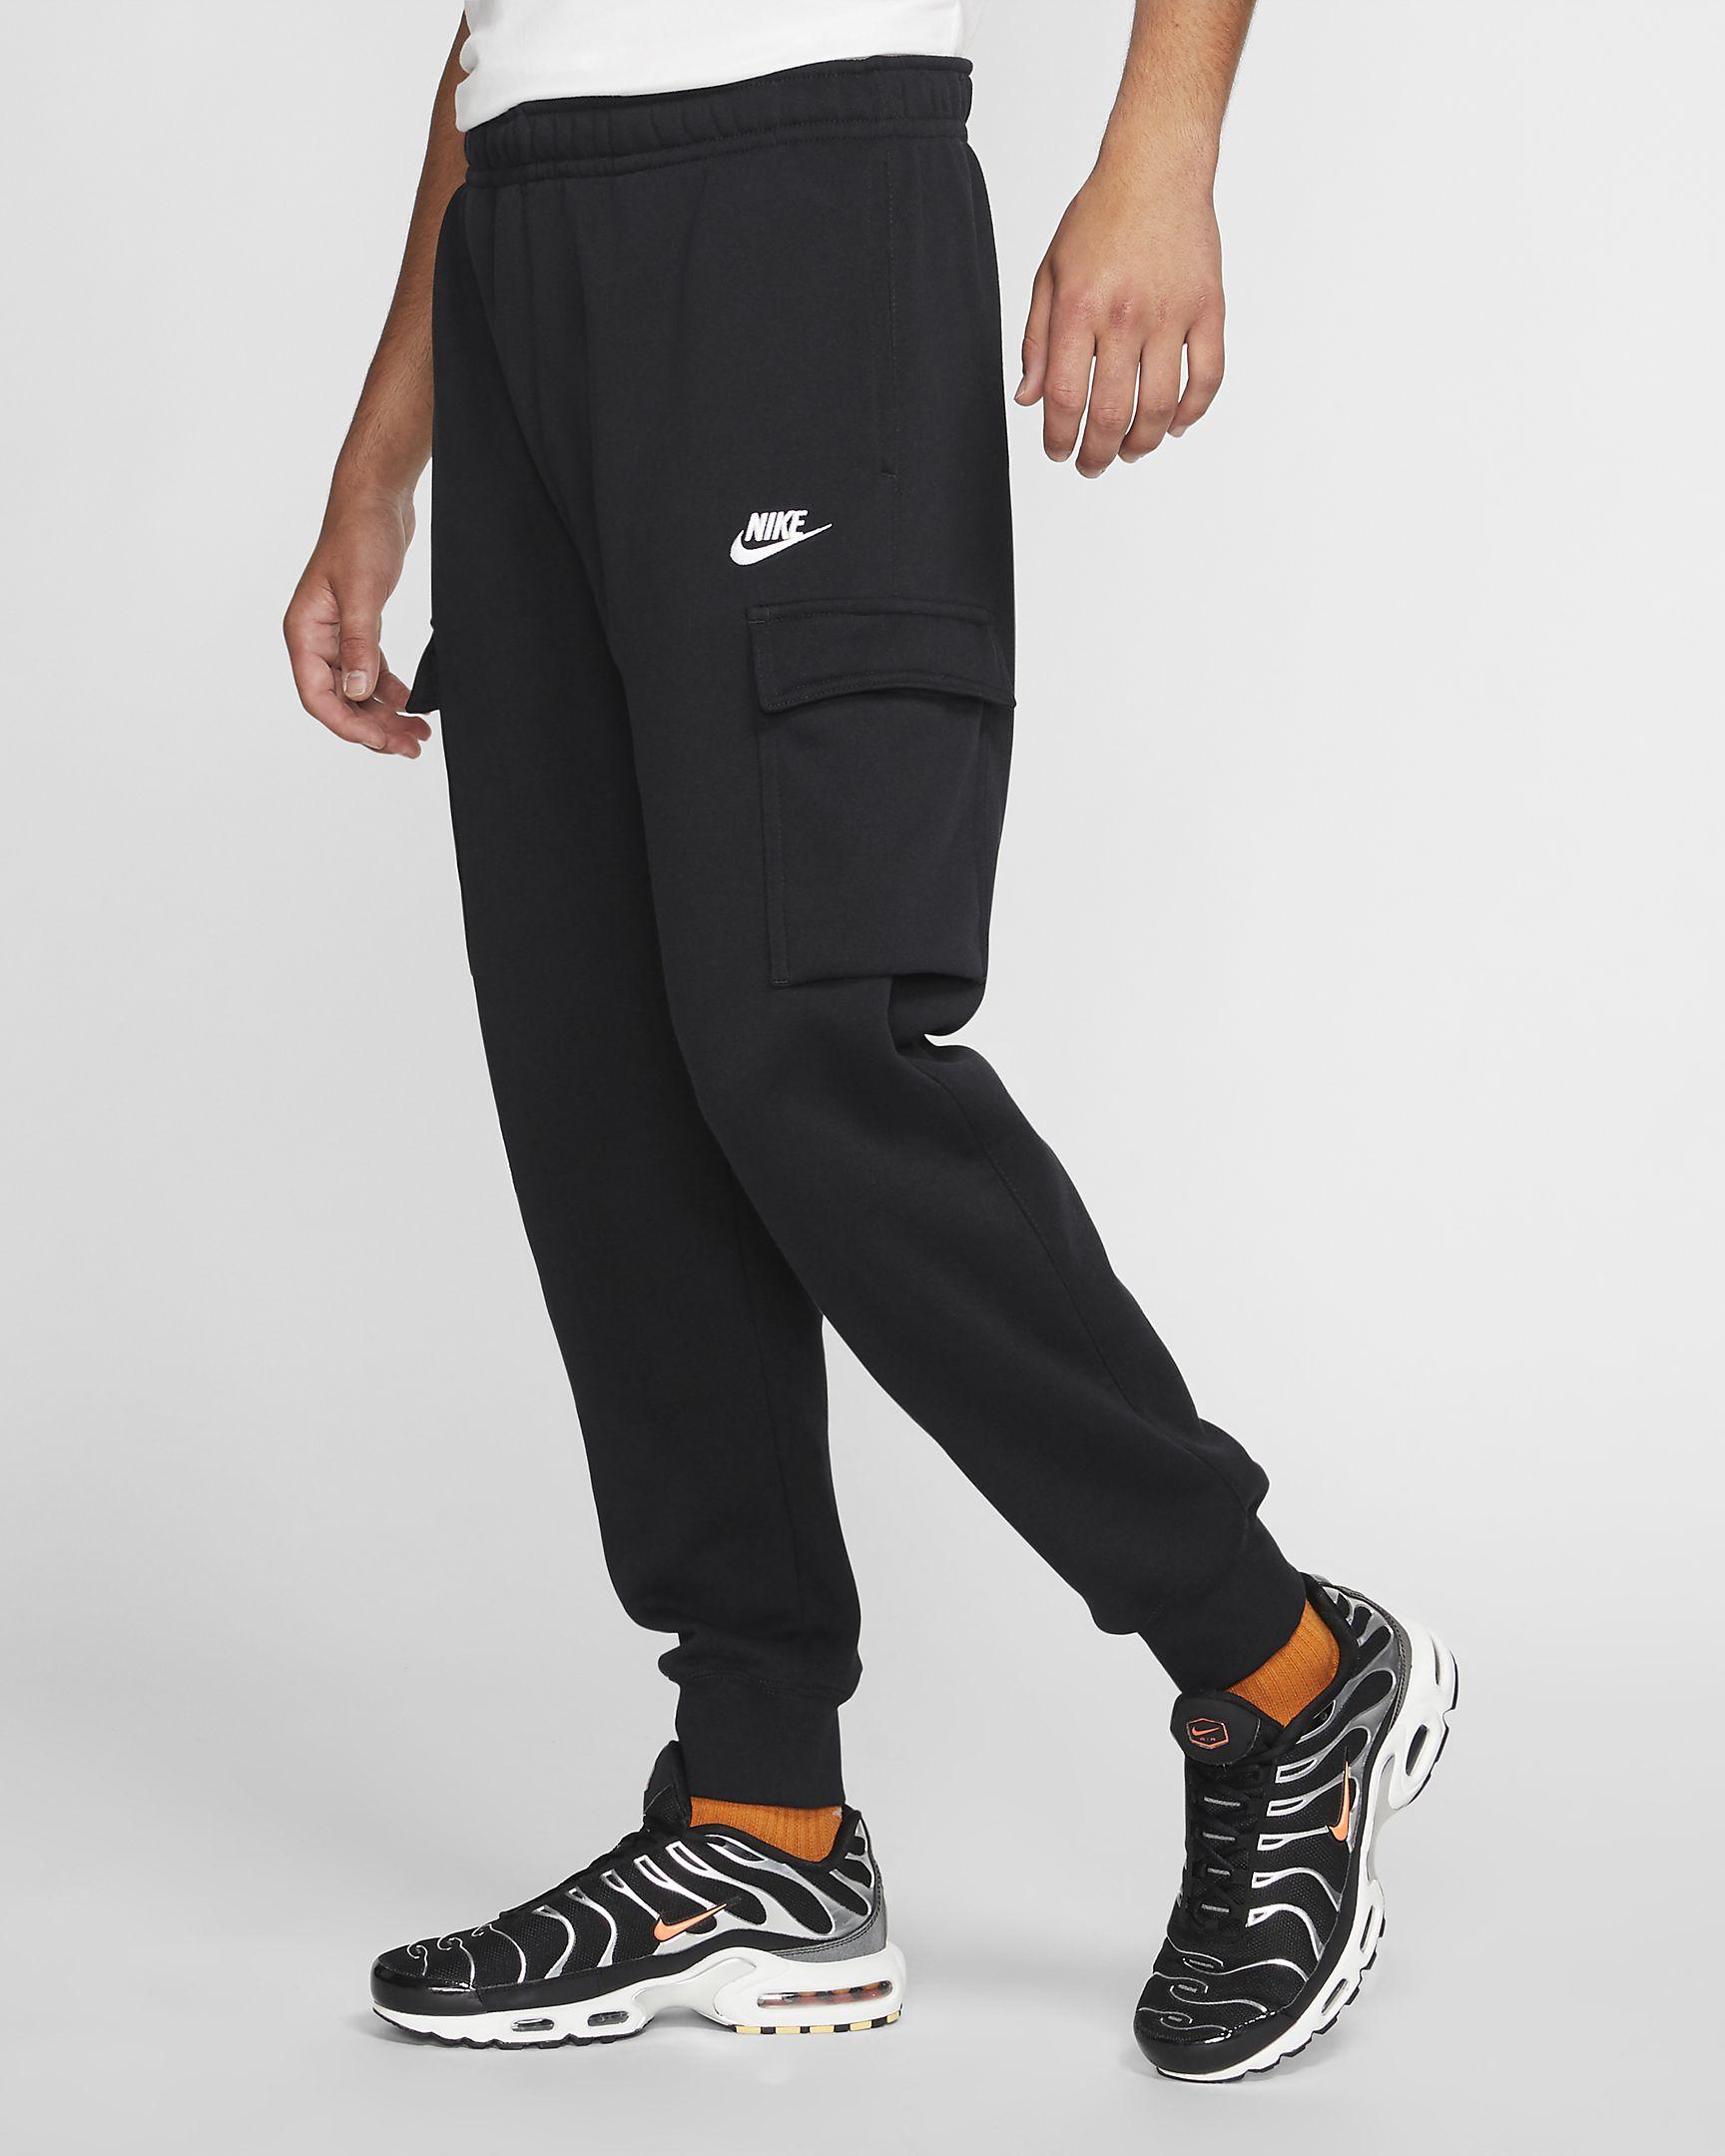 Man wears black Nike Sportswear Club Fleece Cargo Pants with Nike sneakers